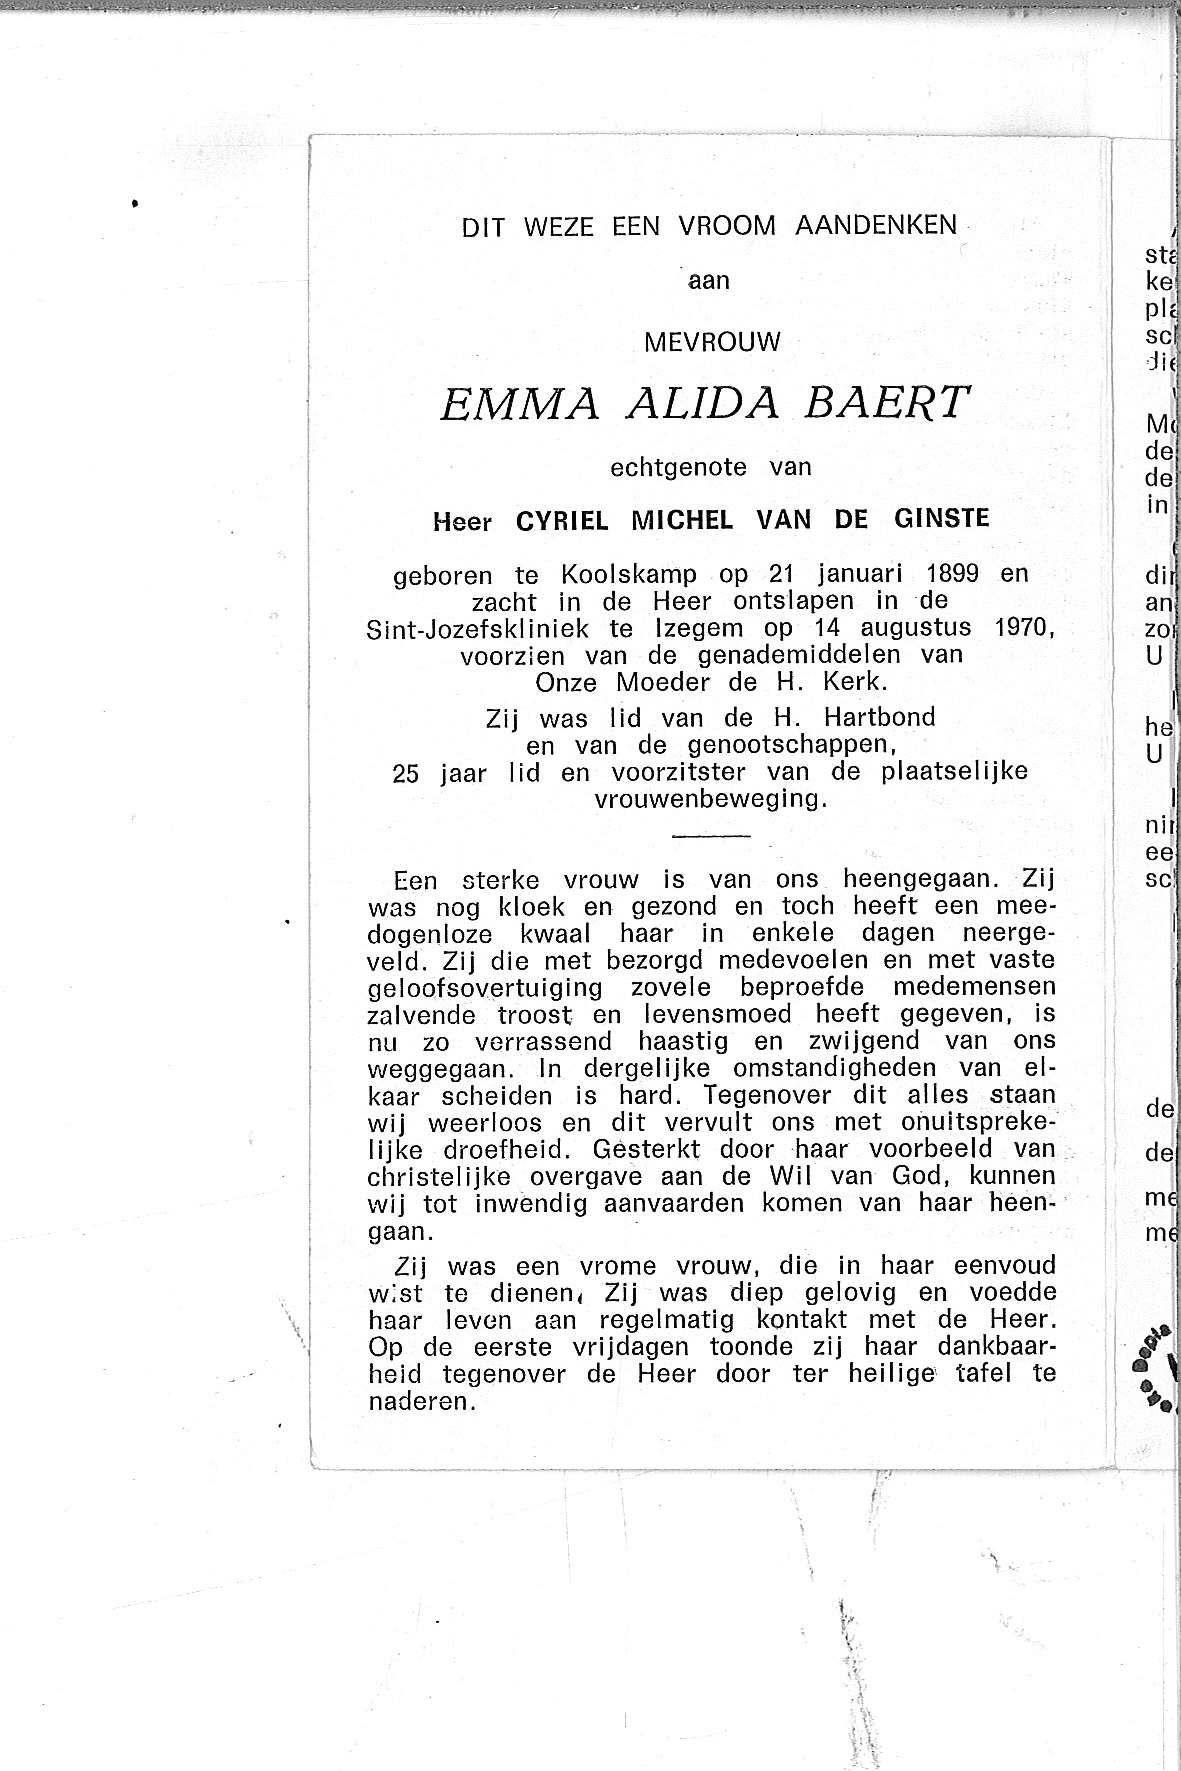 Emma-Alida(1970)20130826134141_00035.jpg